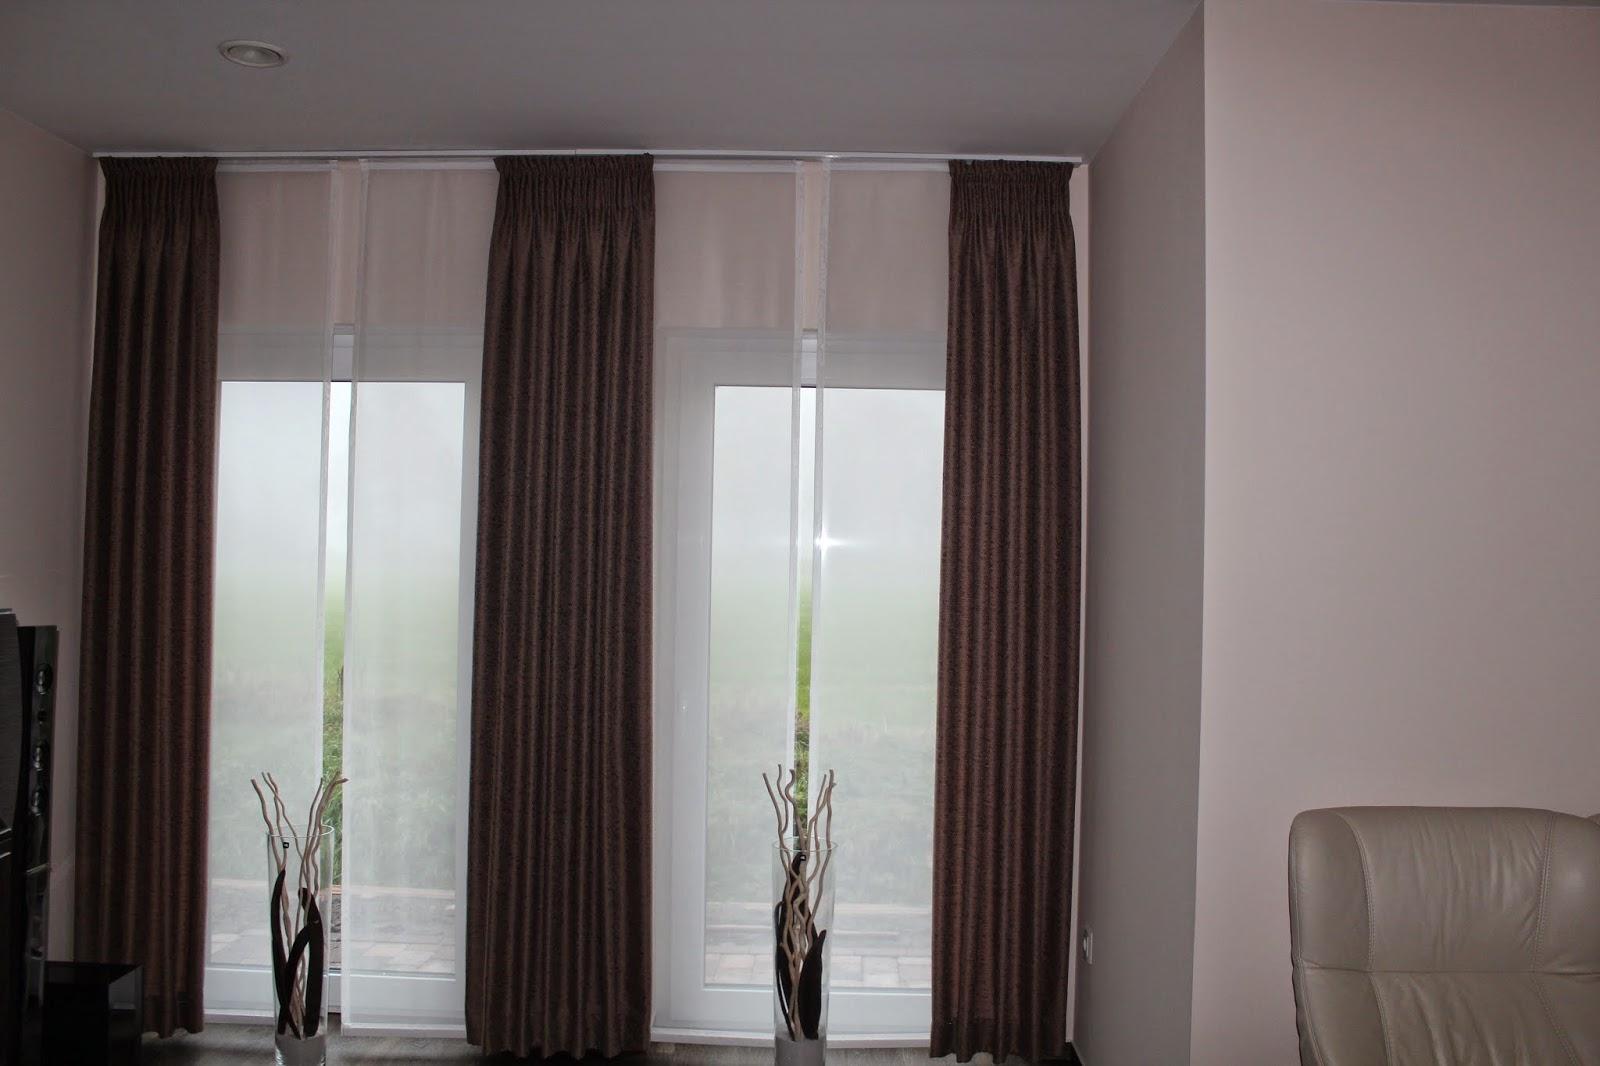 Wohnzimmer wand originell gestalten for Vorha nge fa r schlafzimmer